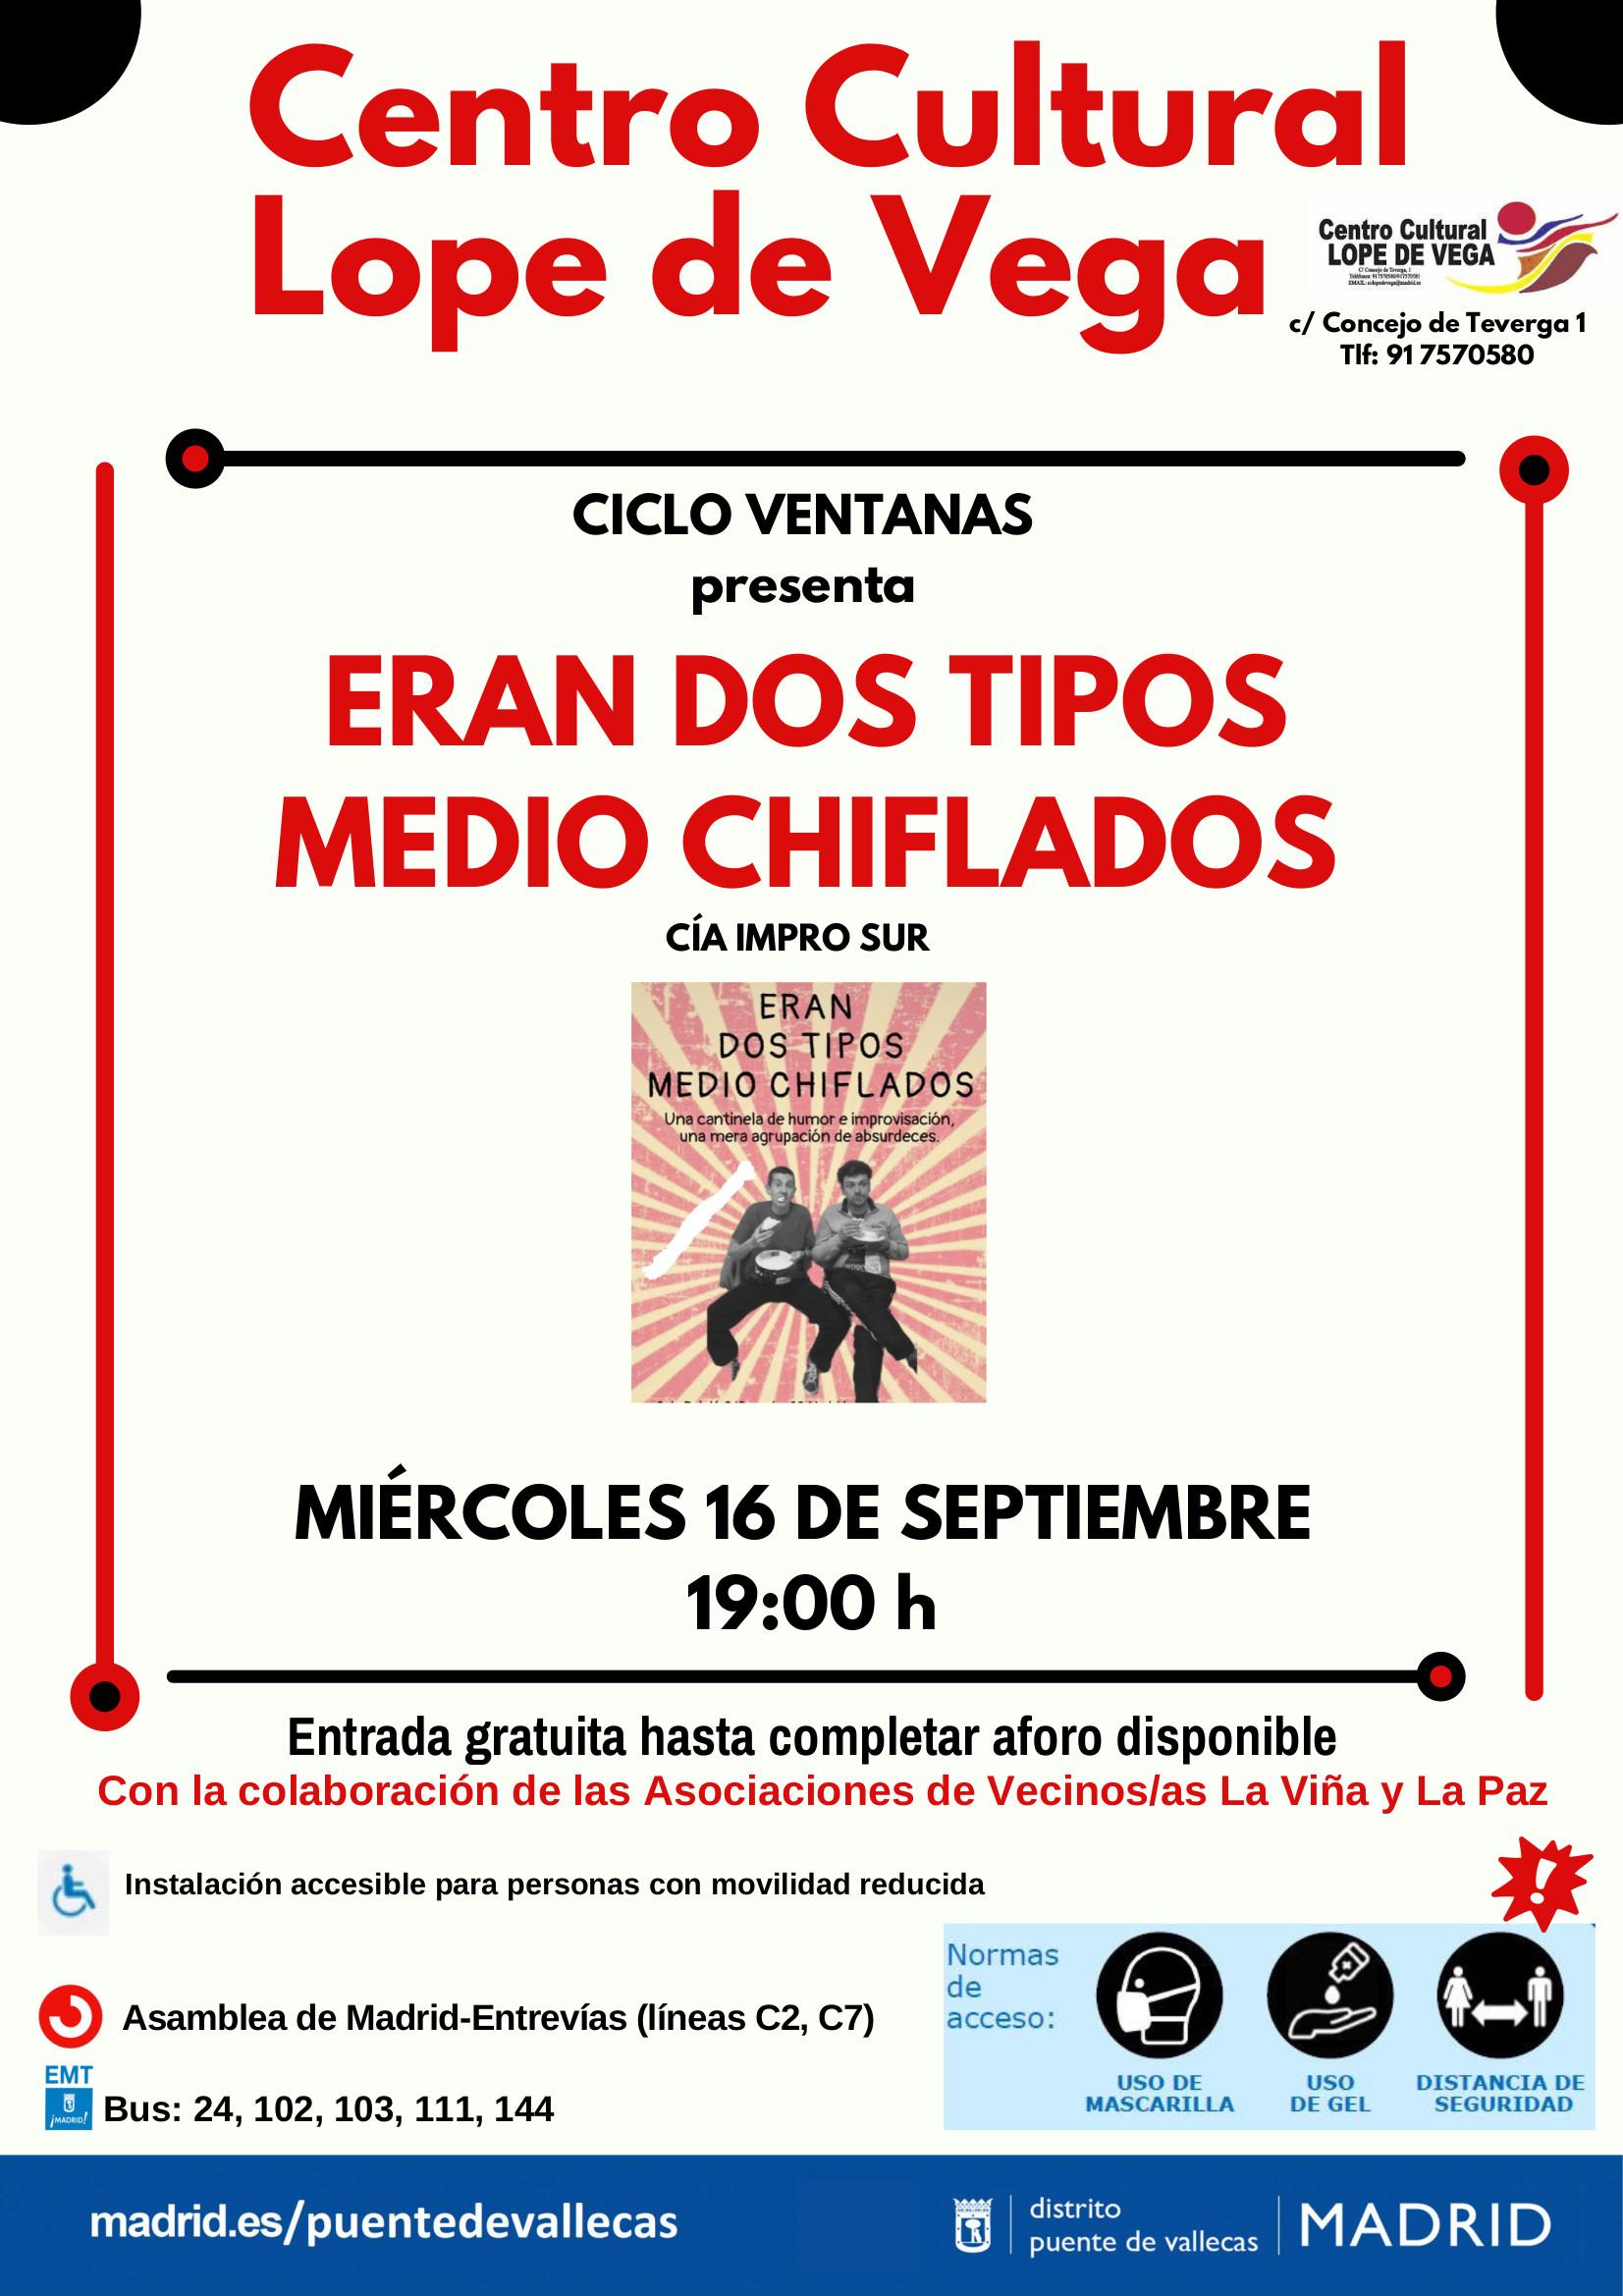 16´Septiembre - Eran dos tipos medio chiflados - Ciclo Ventanas _Vallecas